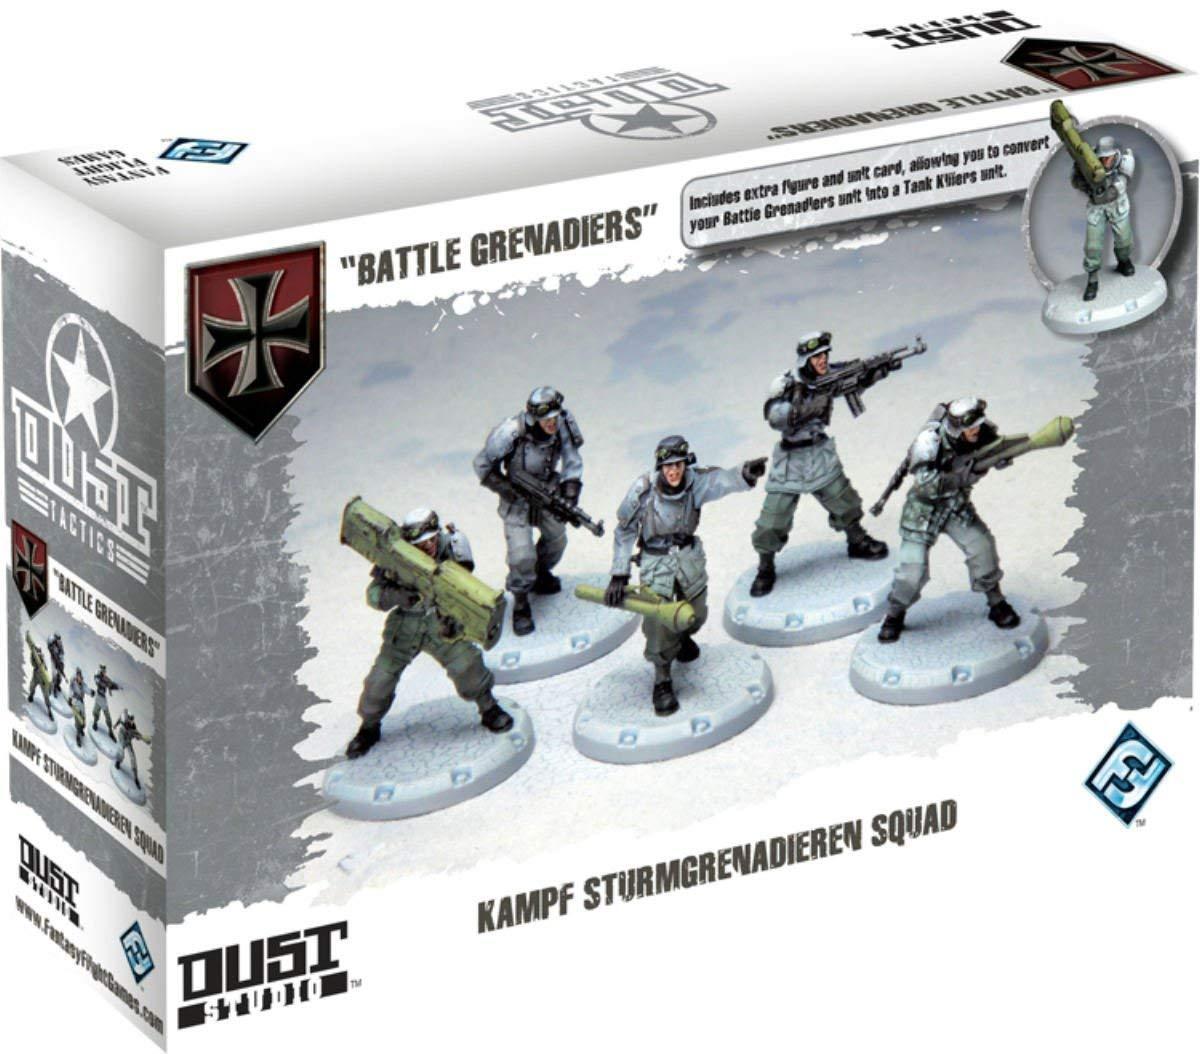 ofreciendo 100% Dust Tactics Tactics Tactics batalla Granaderos (totalmente Nuevo) miniaturas de vuelo de fantasía  venta al por mayor barato